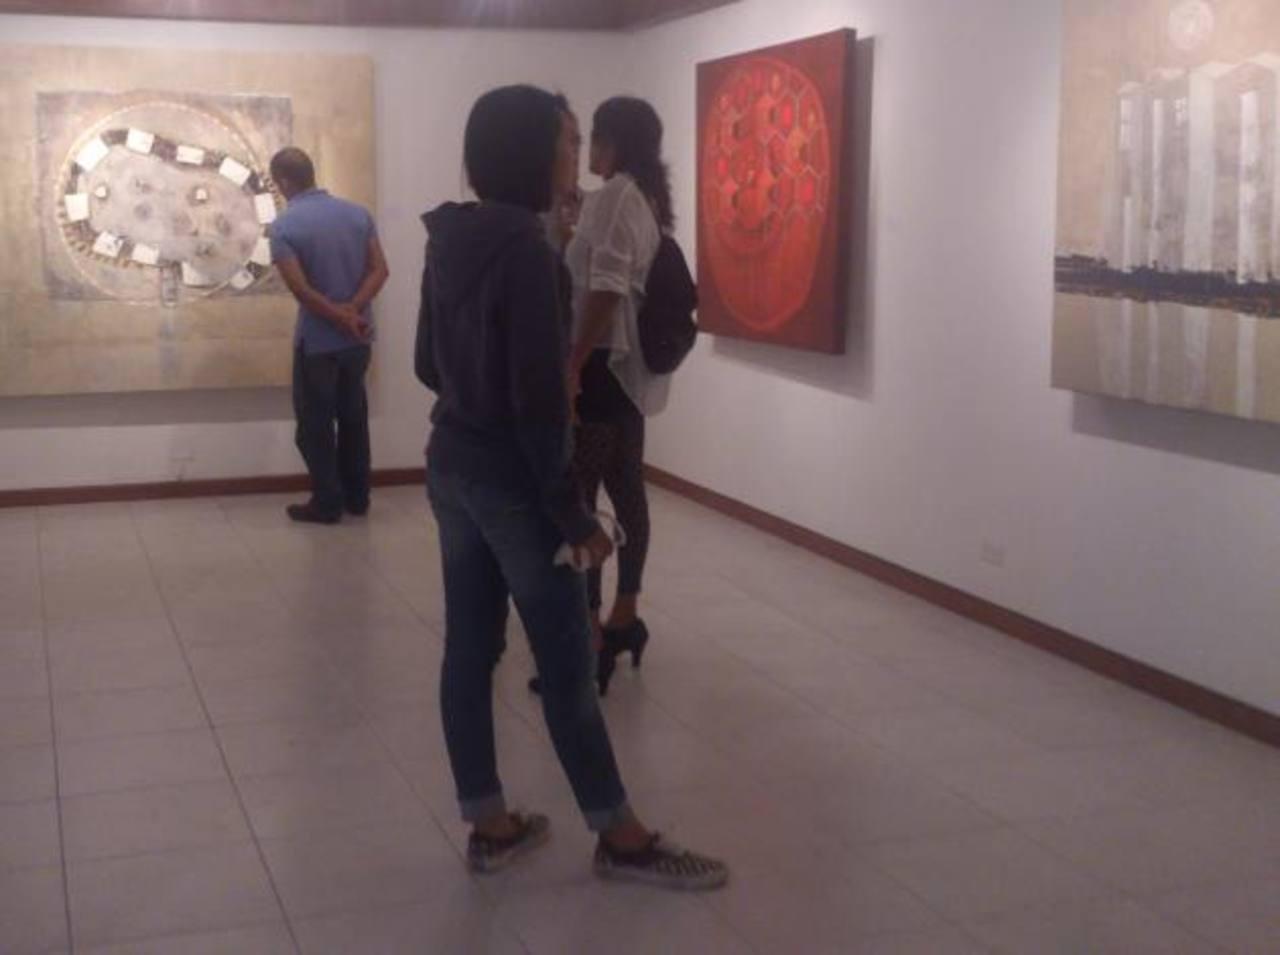 Los cuadros de Tomás Carranza fueron trabajados con técnica mixta. Este artista ha tenido varias exposiciones y galardones.El artista mezcla elementos figurativos y abstractos en todas sus obras. Algunos de sus cuadros expuestos en la galería son la